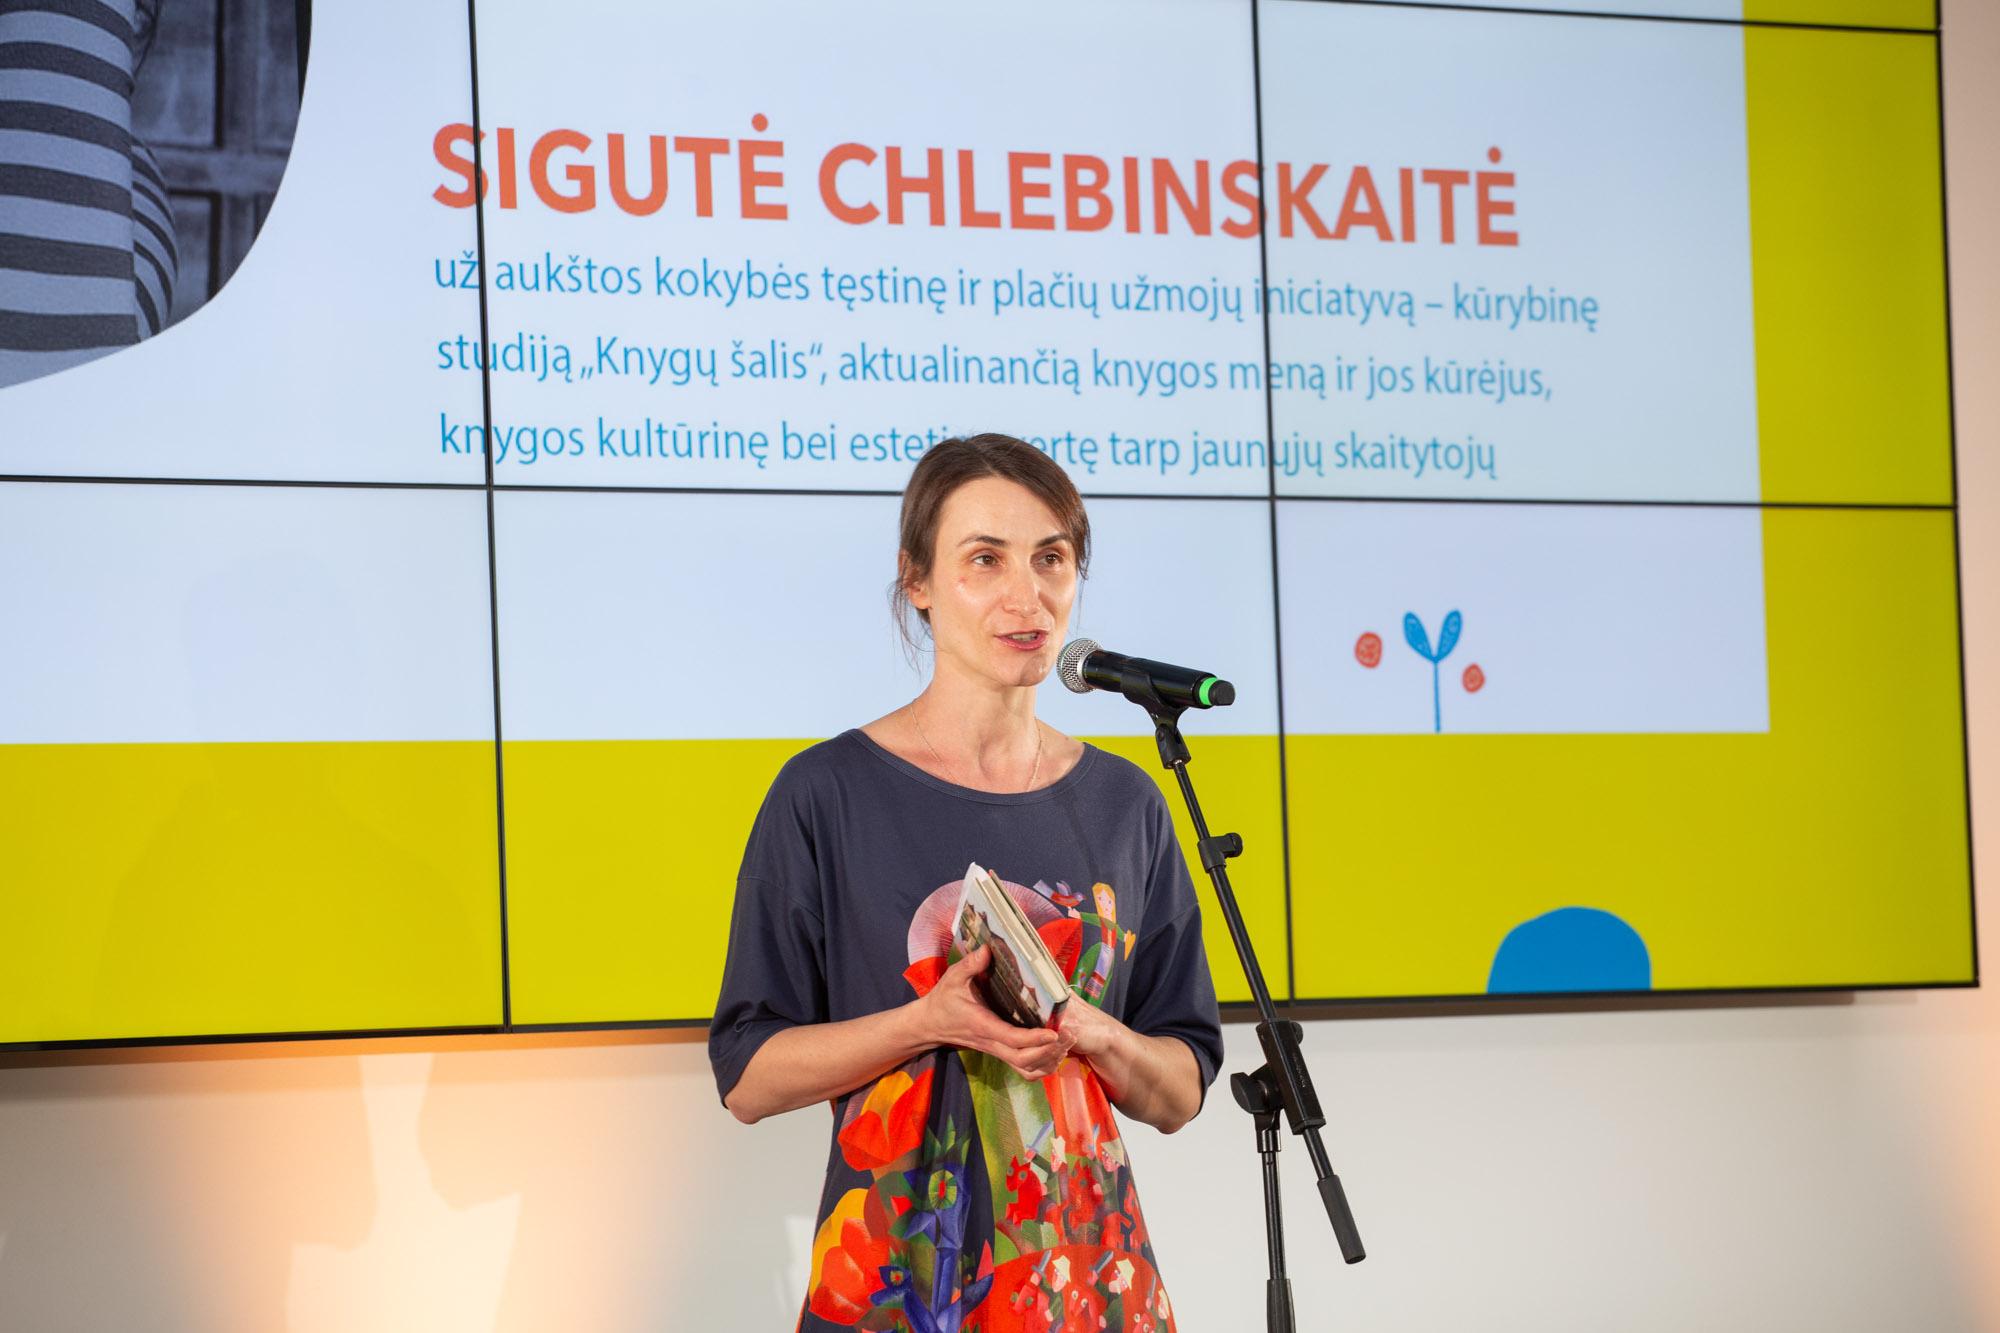 Sigutei Chlebinskaitei | J. Kygo nuotr.